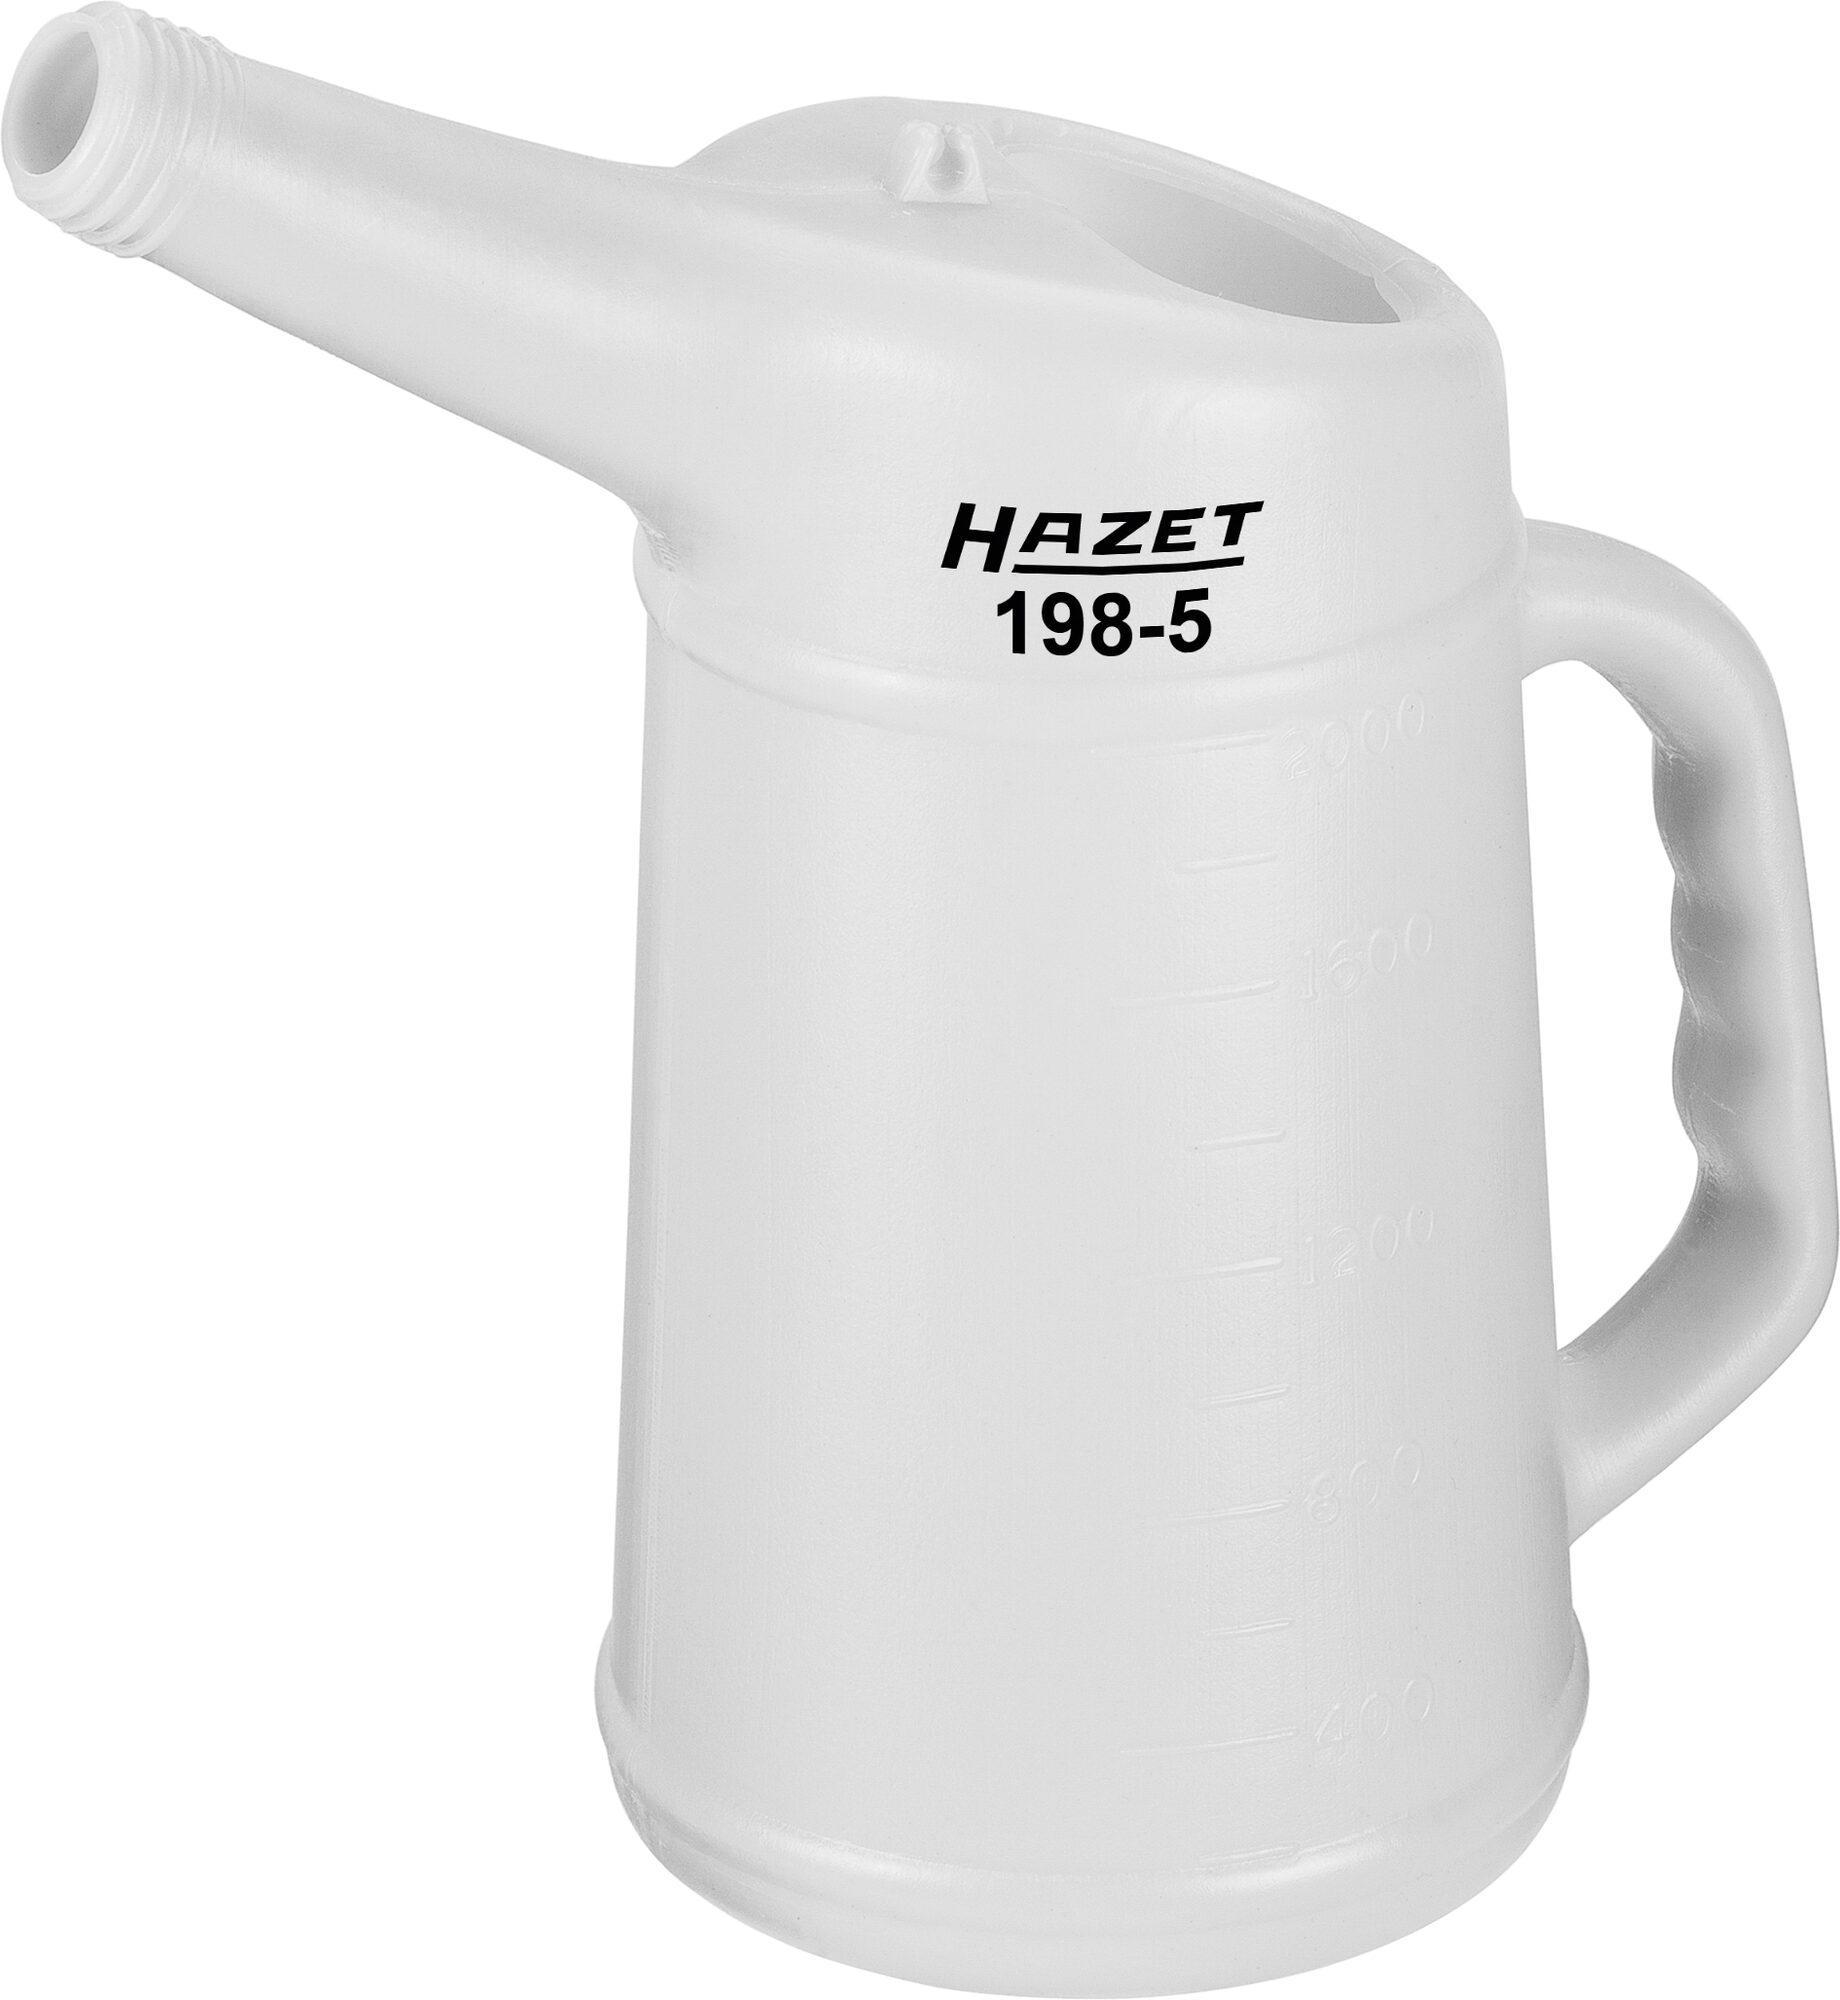 HAZET Mess-Becher 198-5